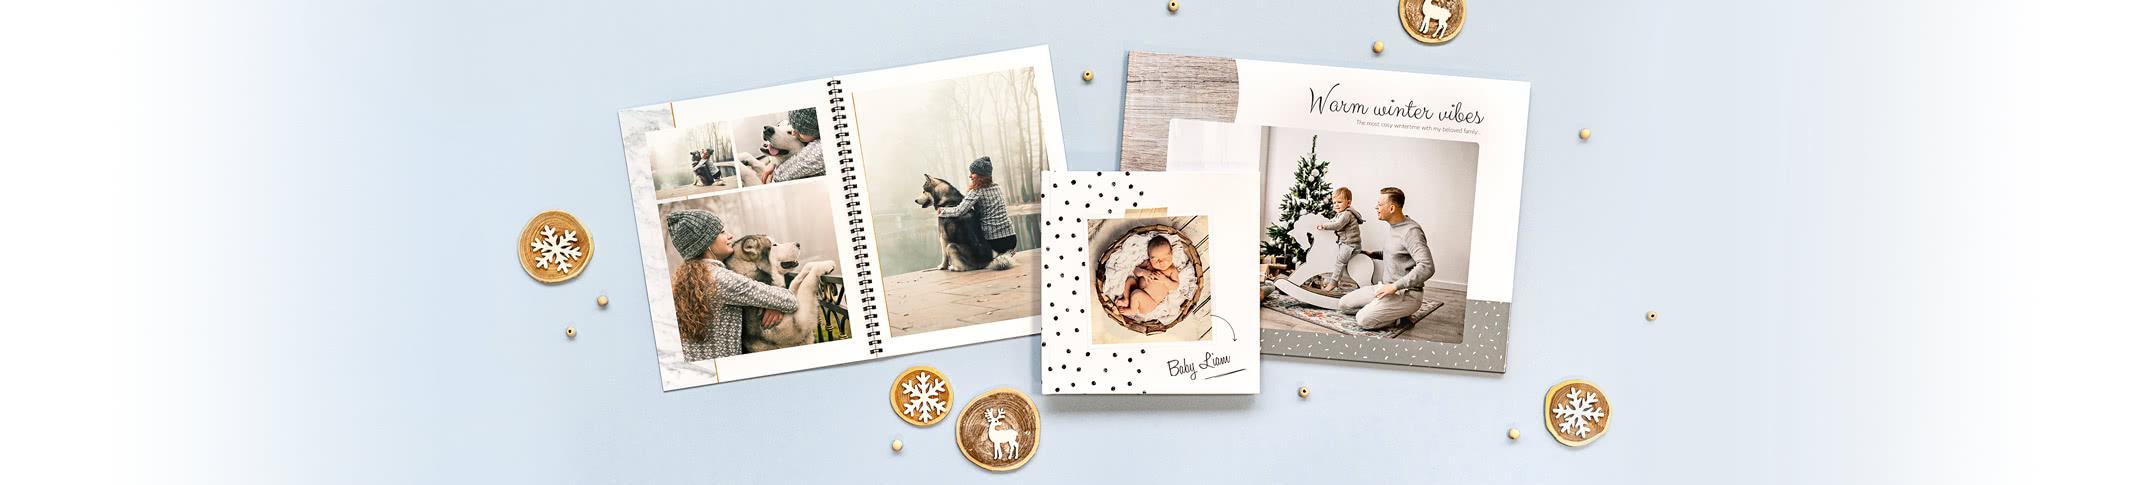 Fotobøger - Saml alle de gode minder i en unik fotobog!